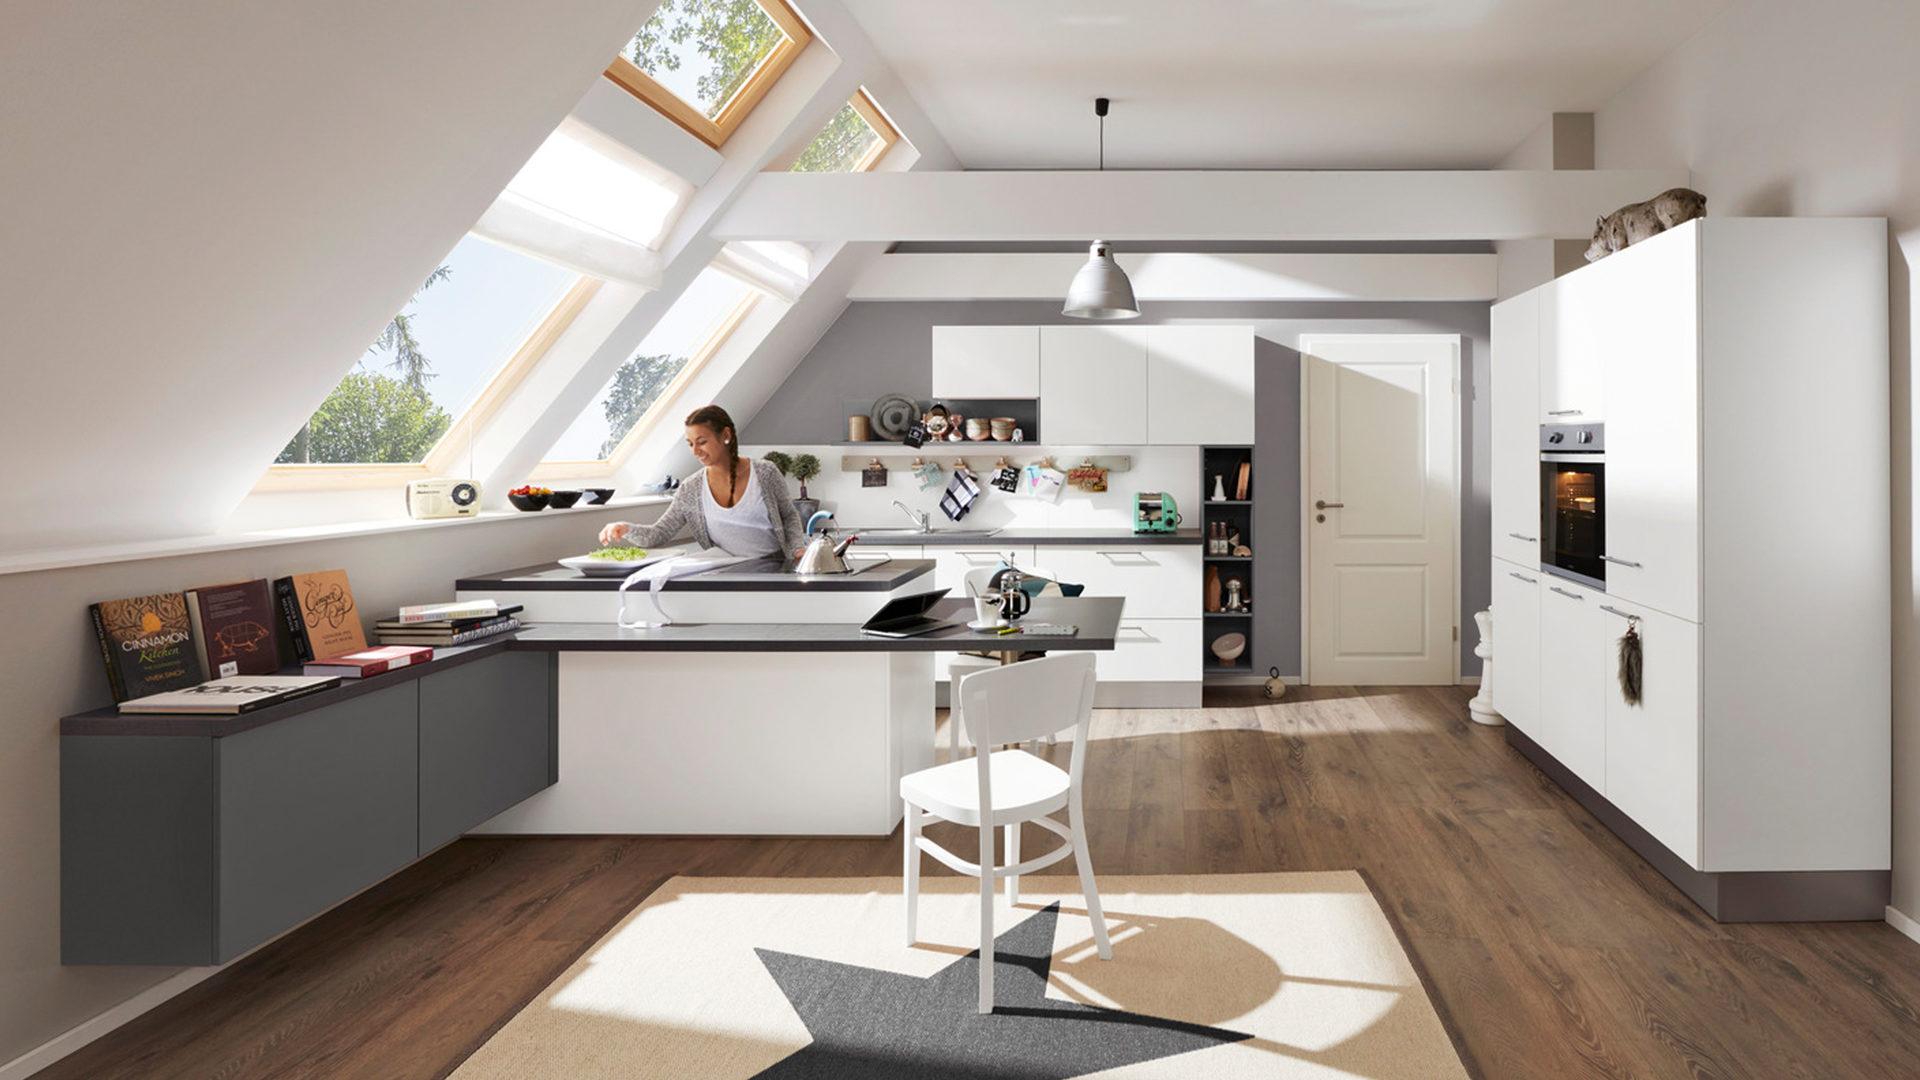 Tolle Billige Küchenschränke Toronto Zeitgenössisch - Ideen Für Die ...